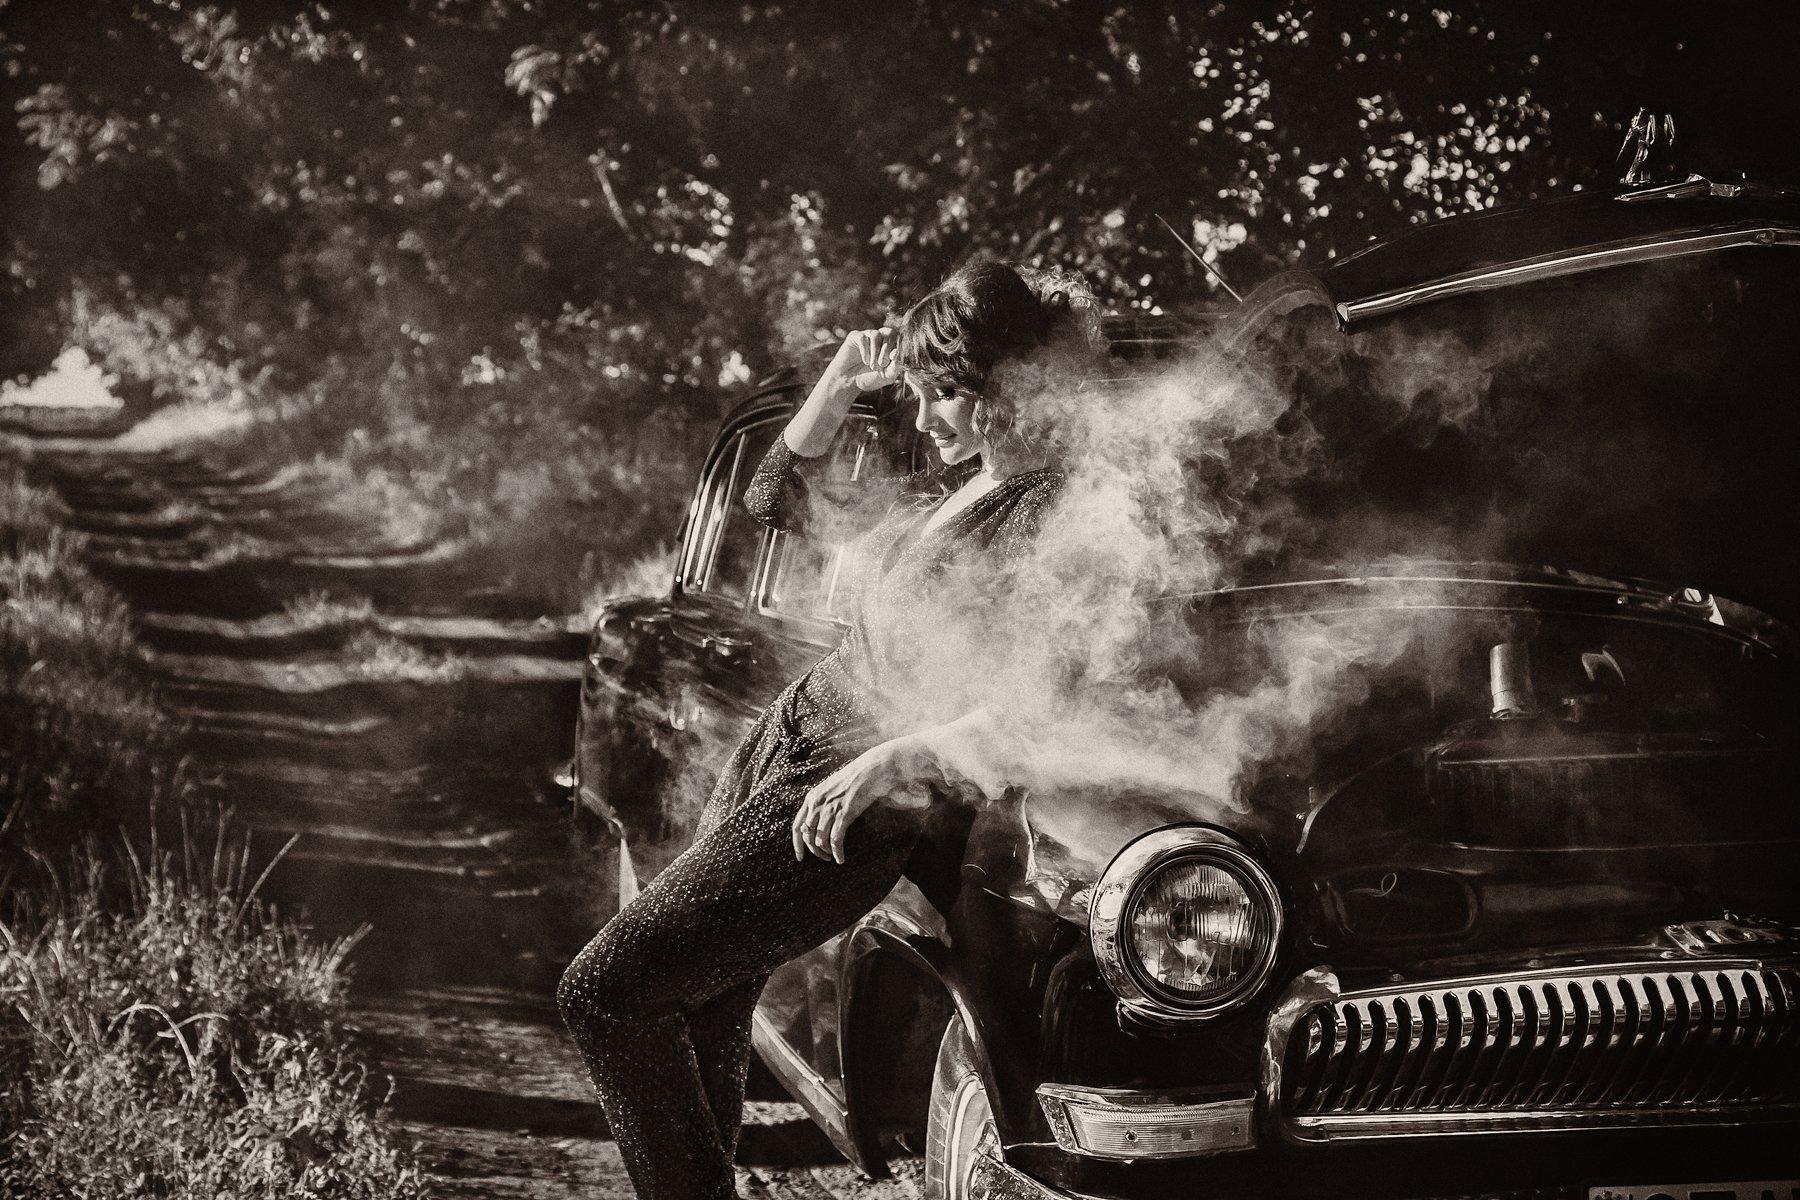 ретро,авто, дым, модель, сепия, черно-белое, поломка, Мария Братан